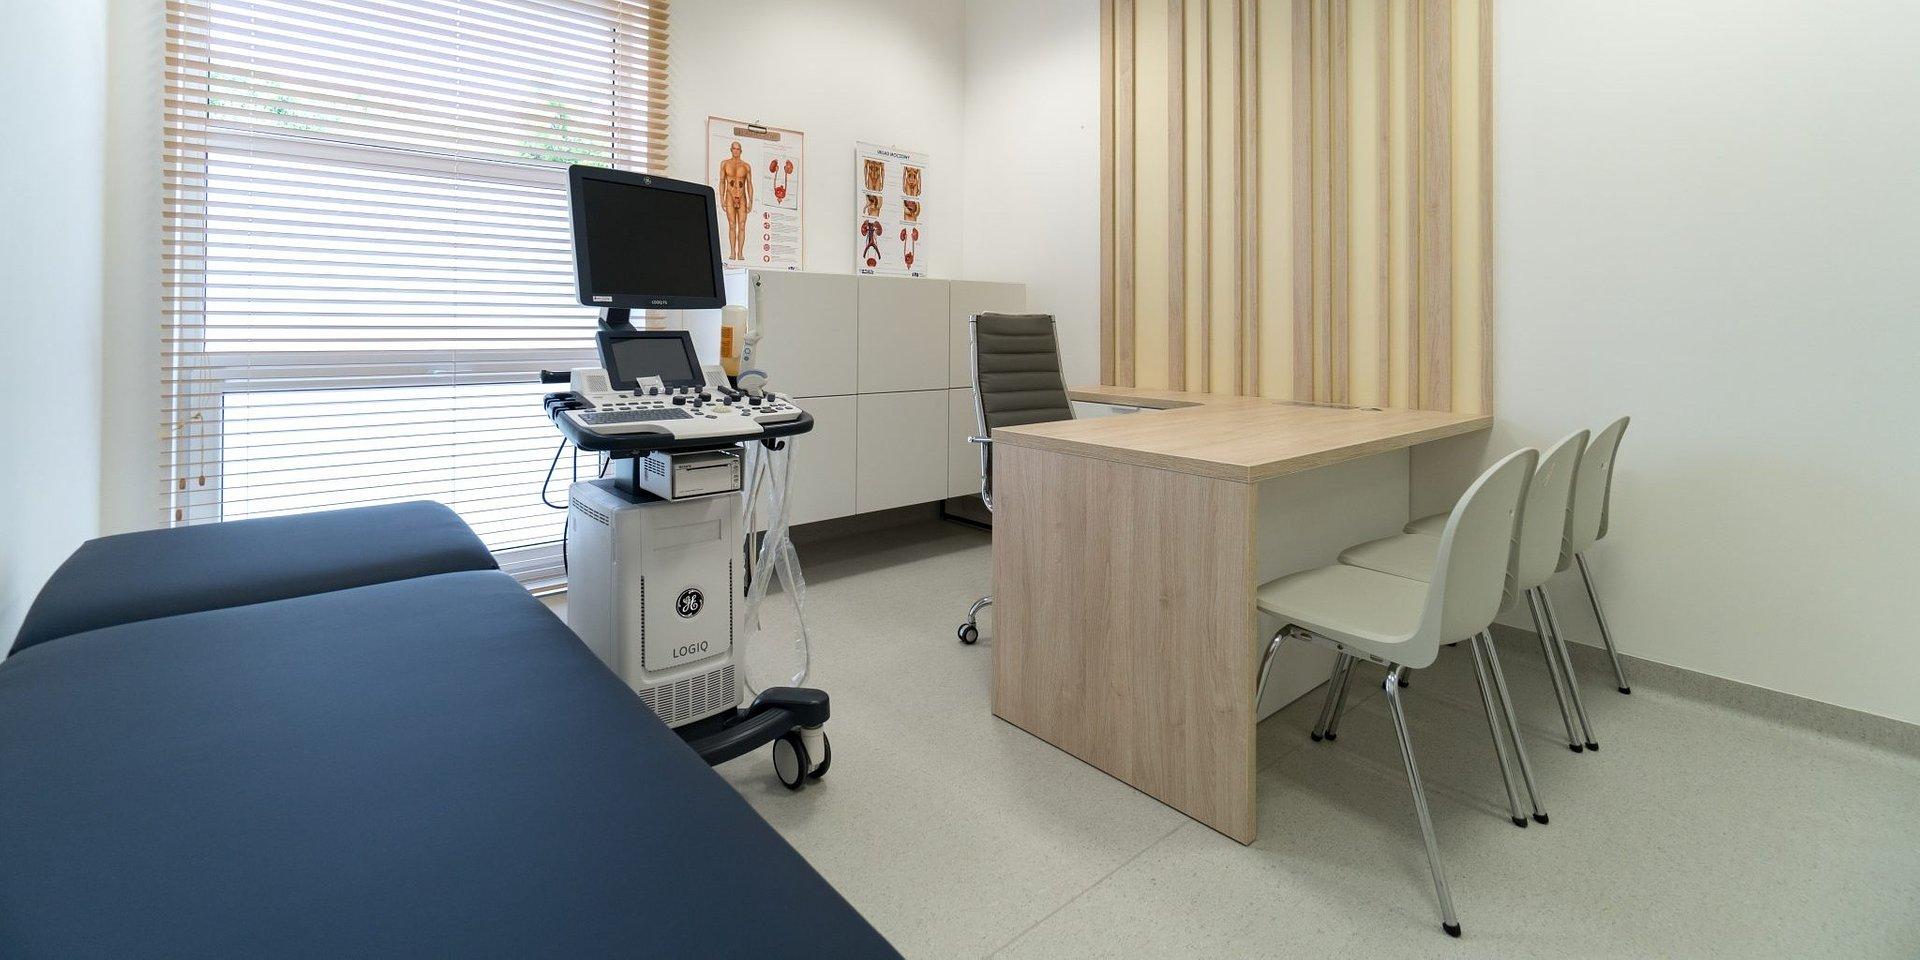 Эффективная сеть - здоровый пациент. Как сетевые решения Extreme помогают в работе медицинского центра Gabos?